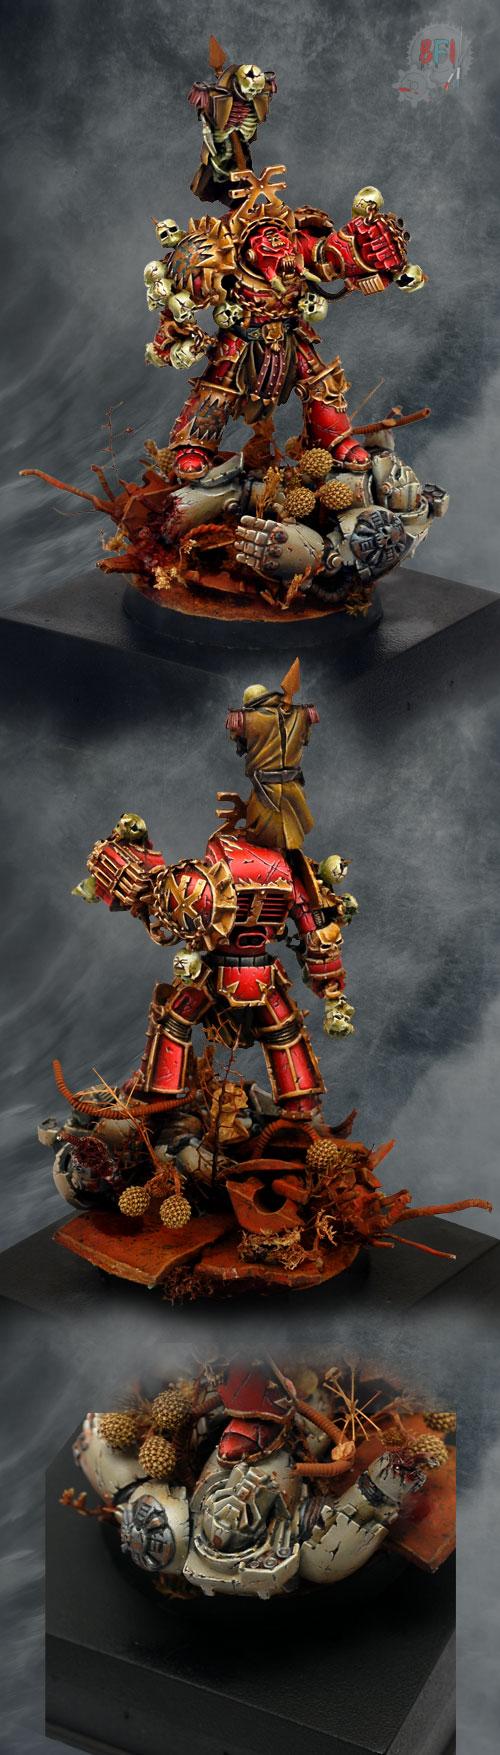 Khorne Terminator Lord Zhufor ForgeWorld